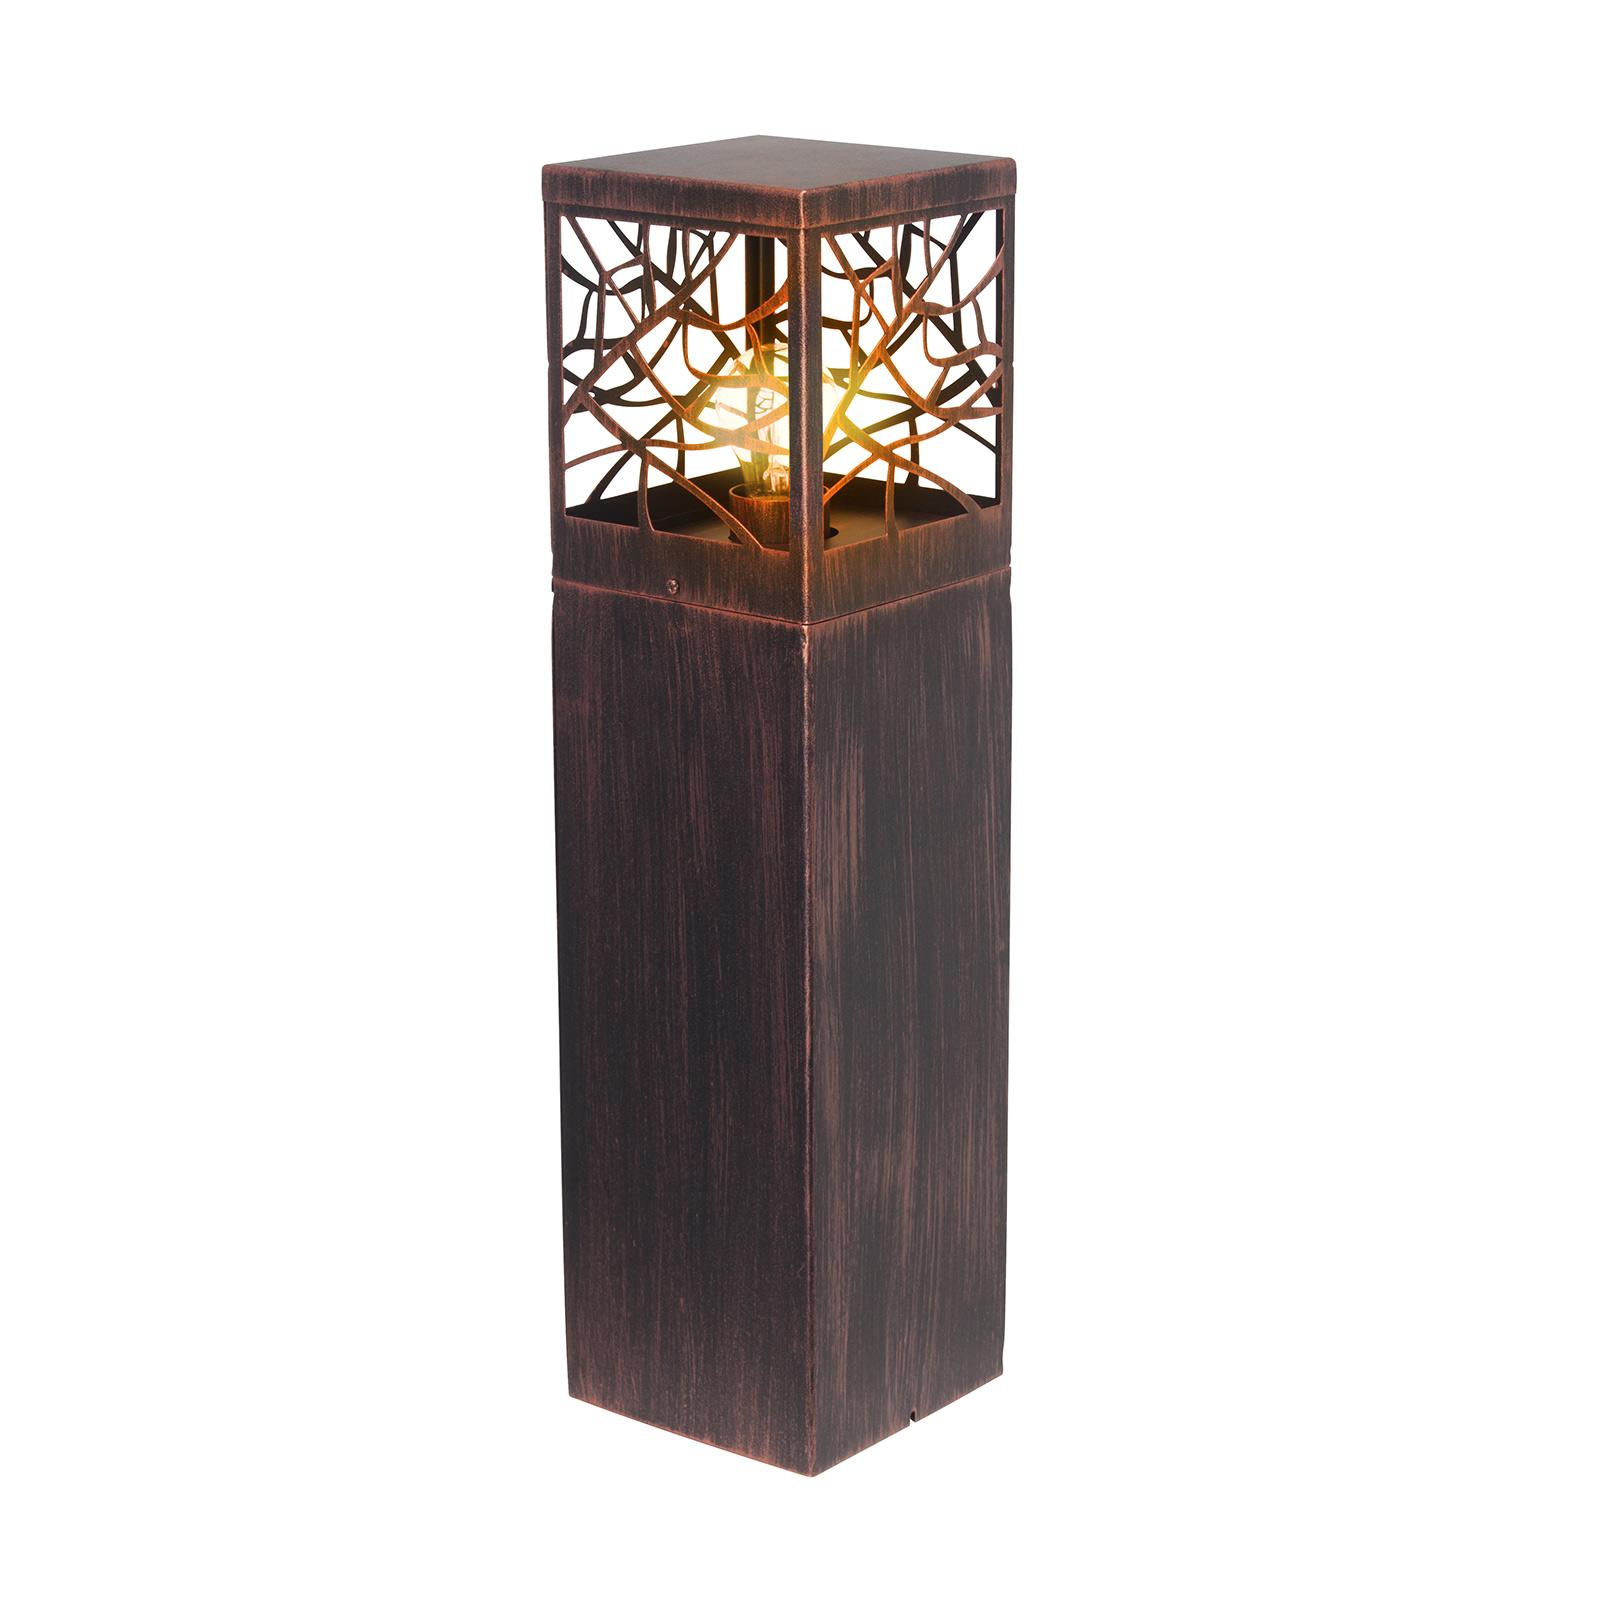 Lampa cokołowa Whitney, kolory rdzy